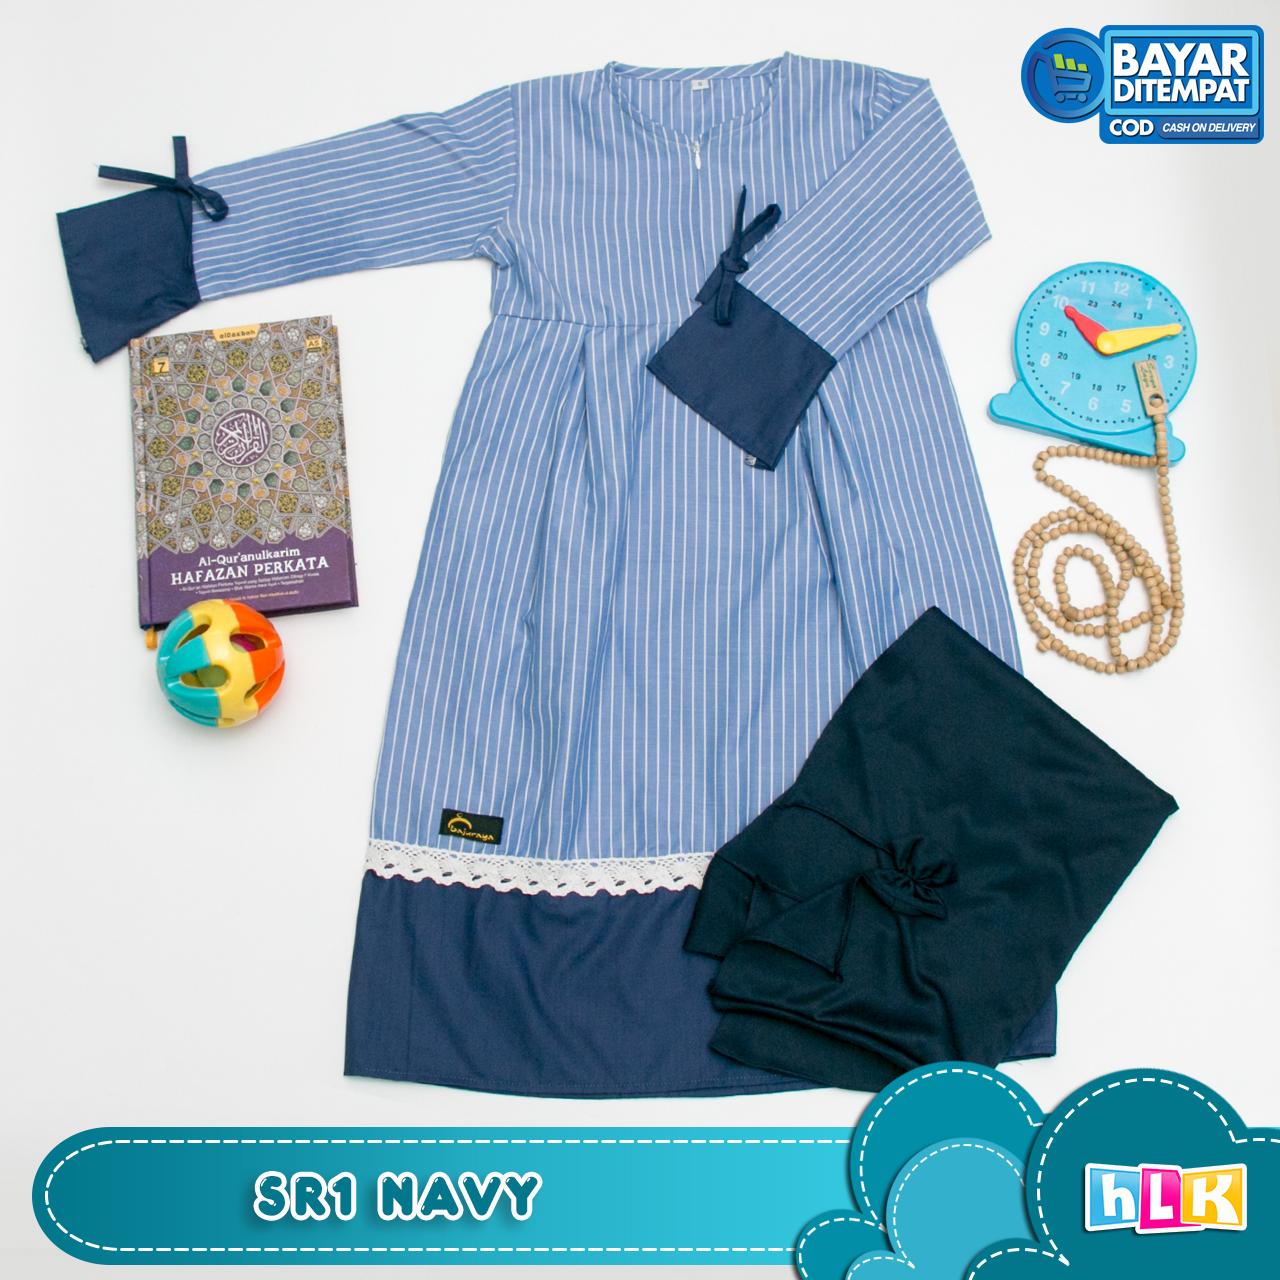 baju gamis anak strip renda dengan kerudung 3 sd 7 tahun